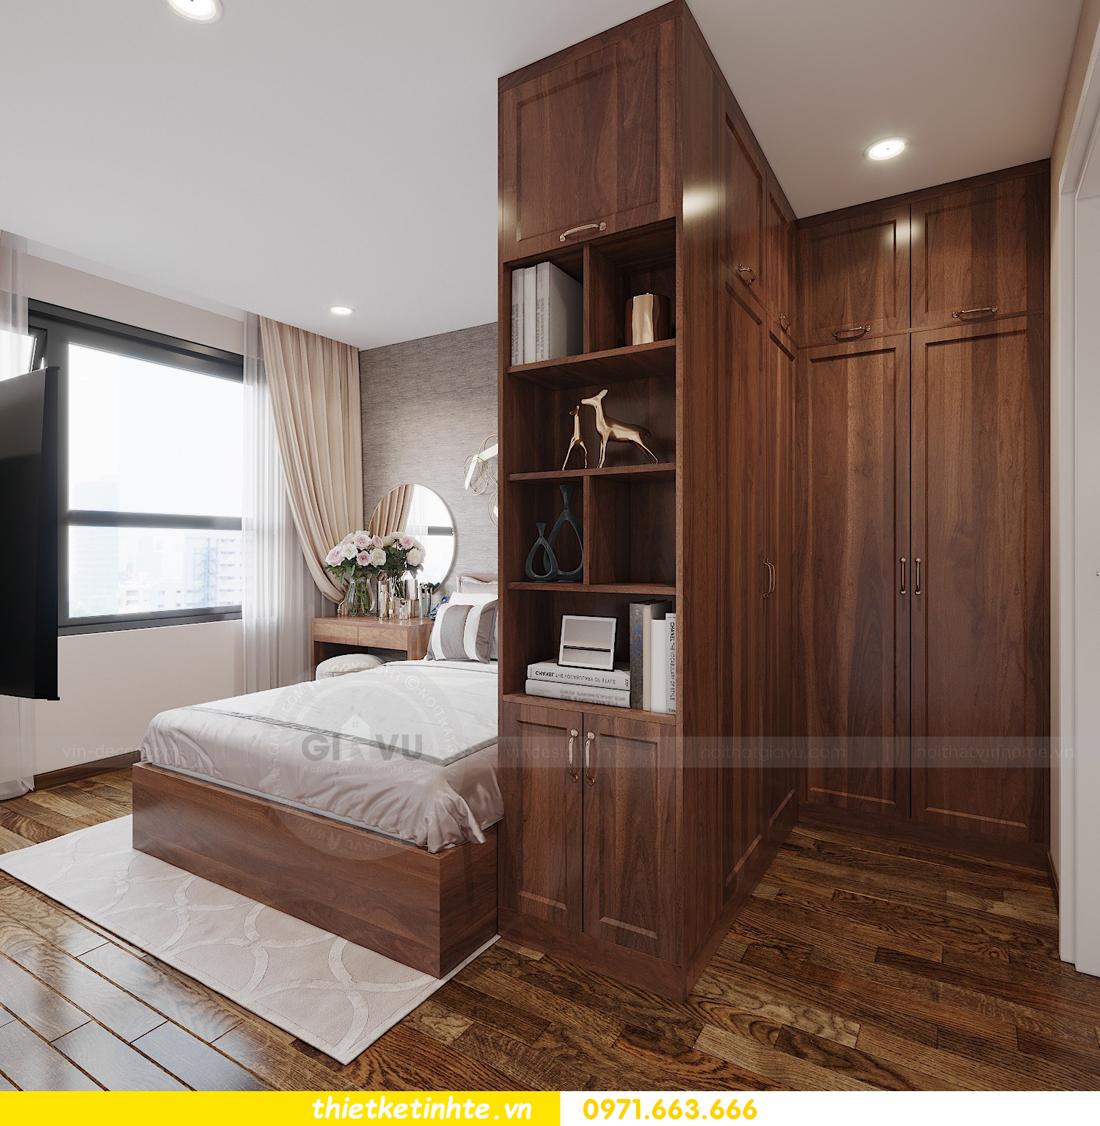 thiết kế nội thất chung cư Vinhomes West Point Đỗ Đức Dục 4